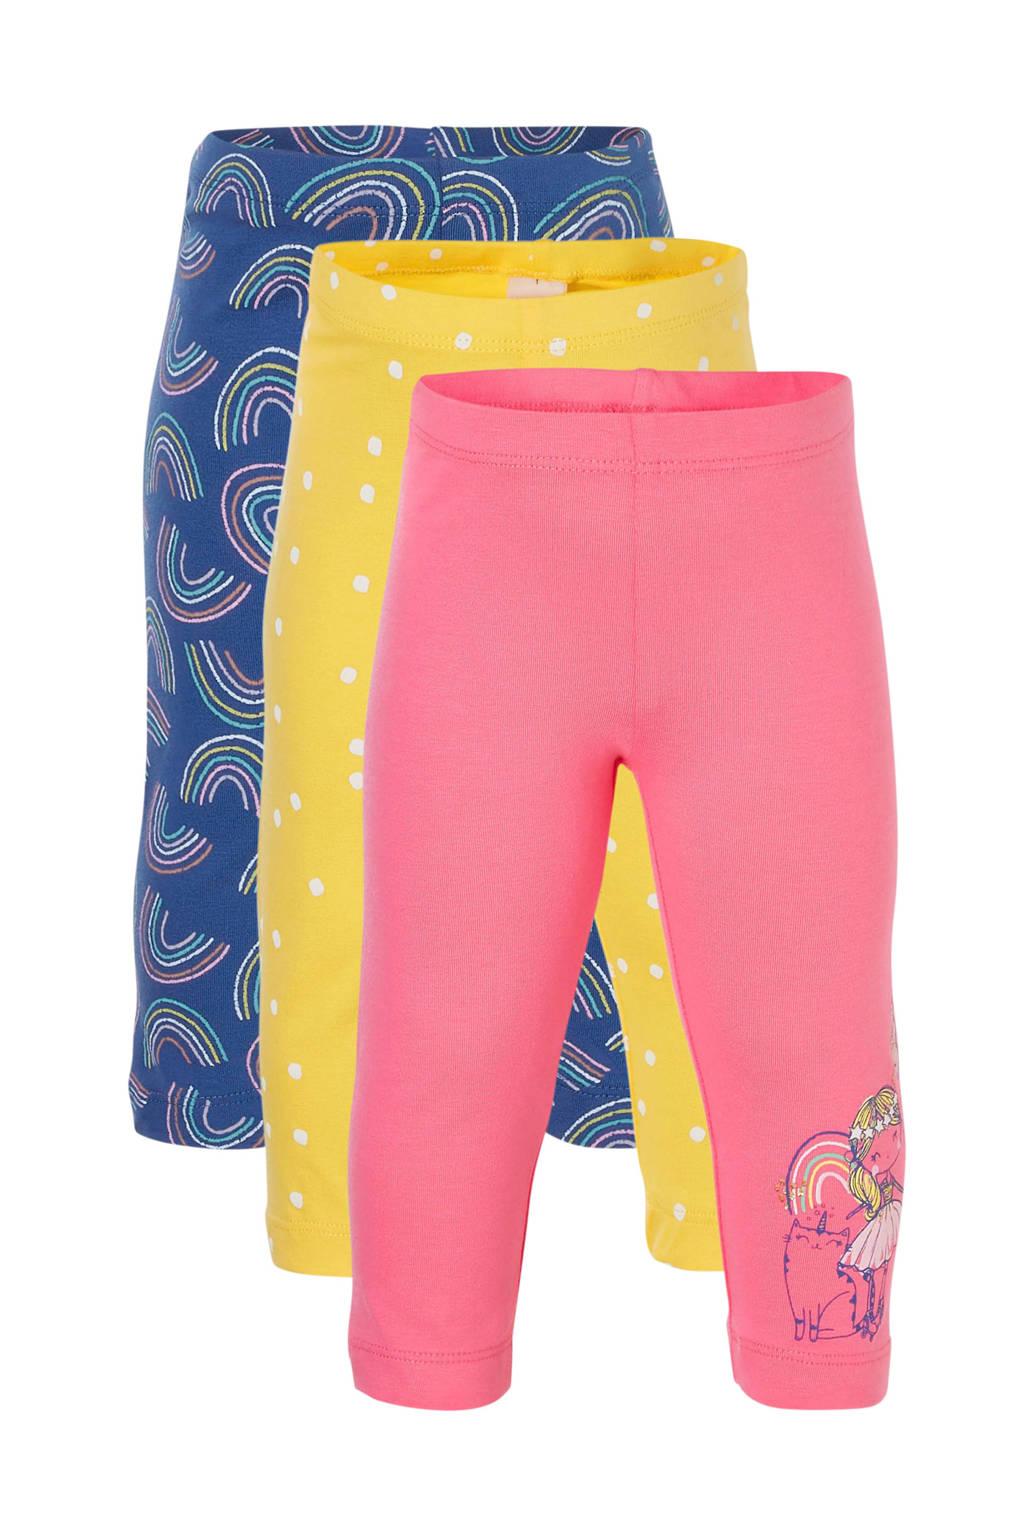 C&A Palomino legging - set van 3 geel/blauw/roze, Geel/blauw/roze